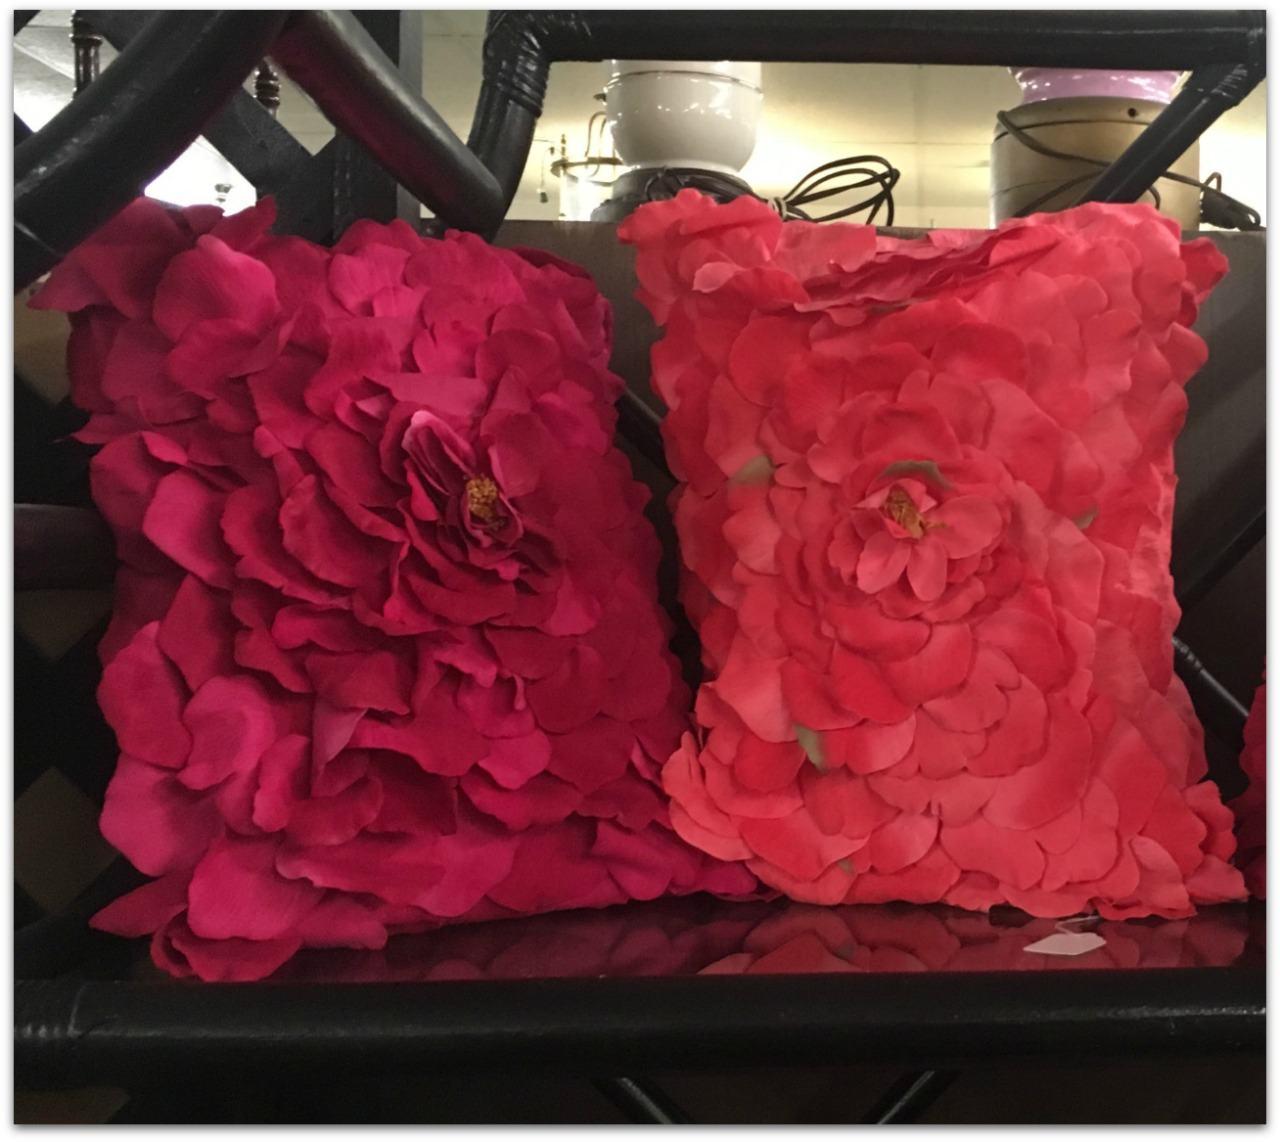 Rose Petal Pillows